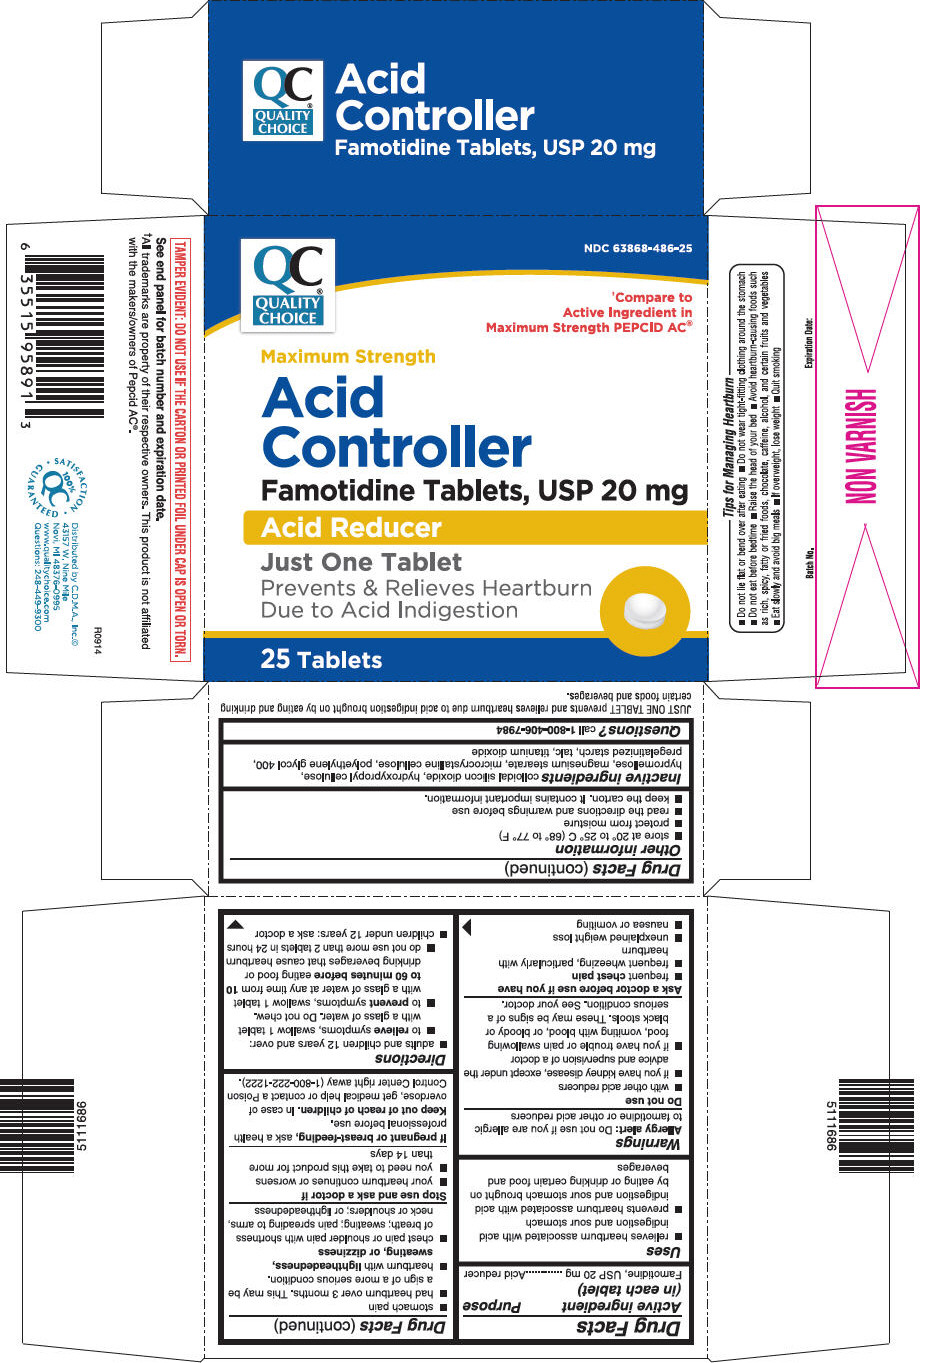 PRINCIPAL DISPLAY PANEL - 20 mg Tablet Bottle Carton